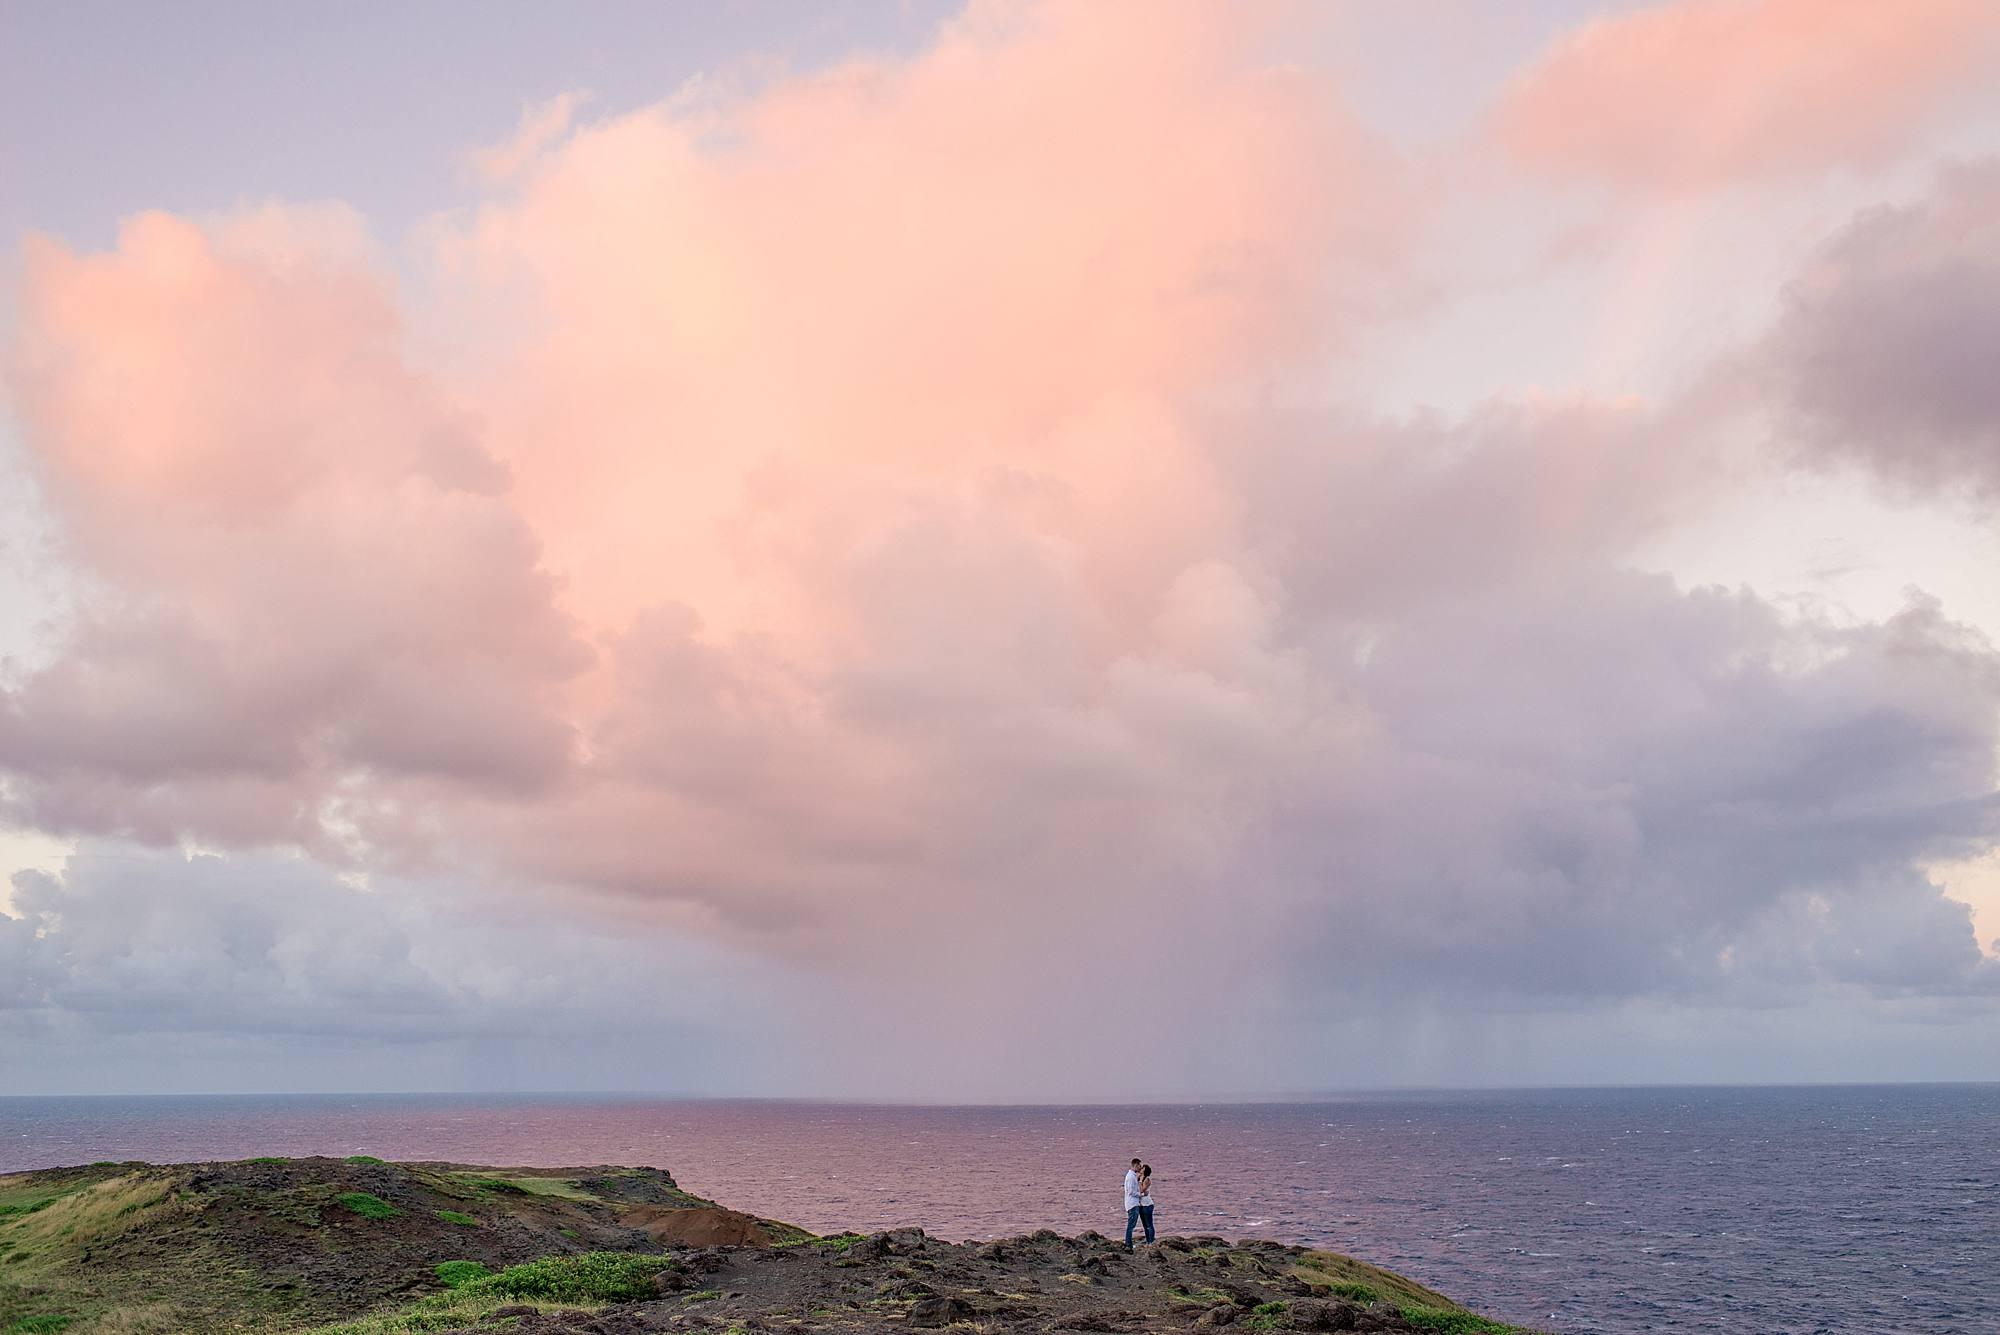 sunset in northwest maui